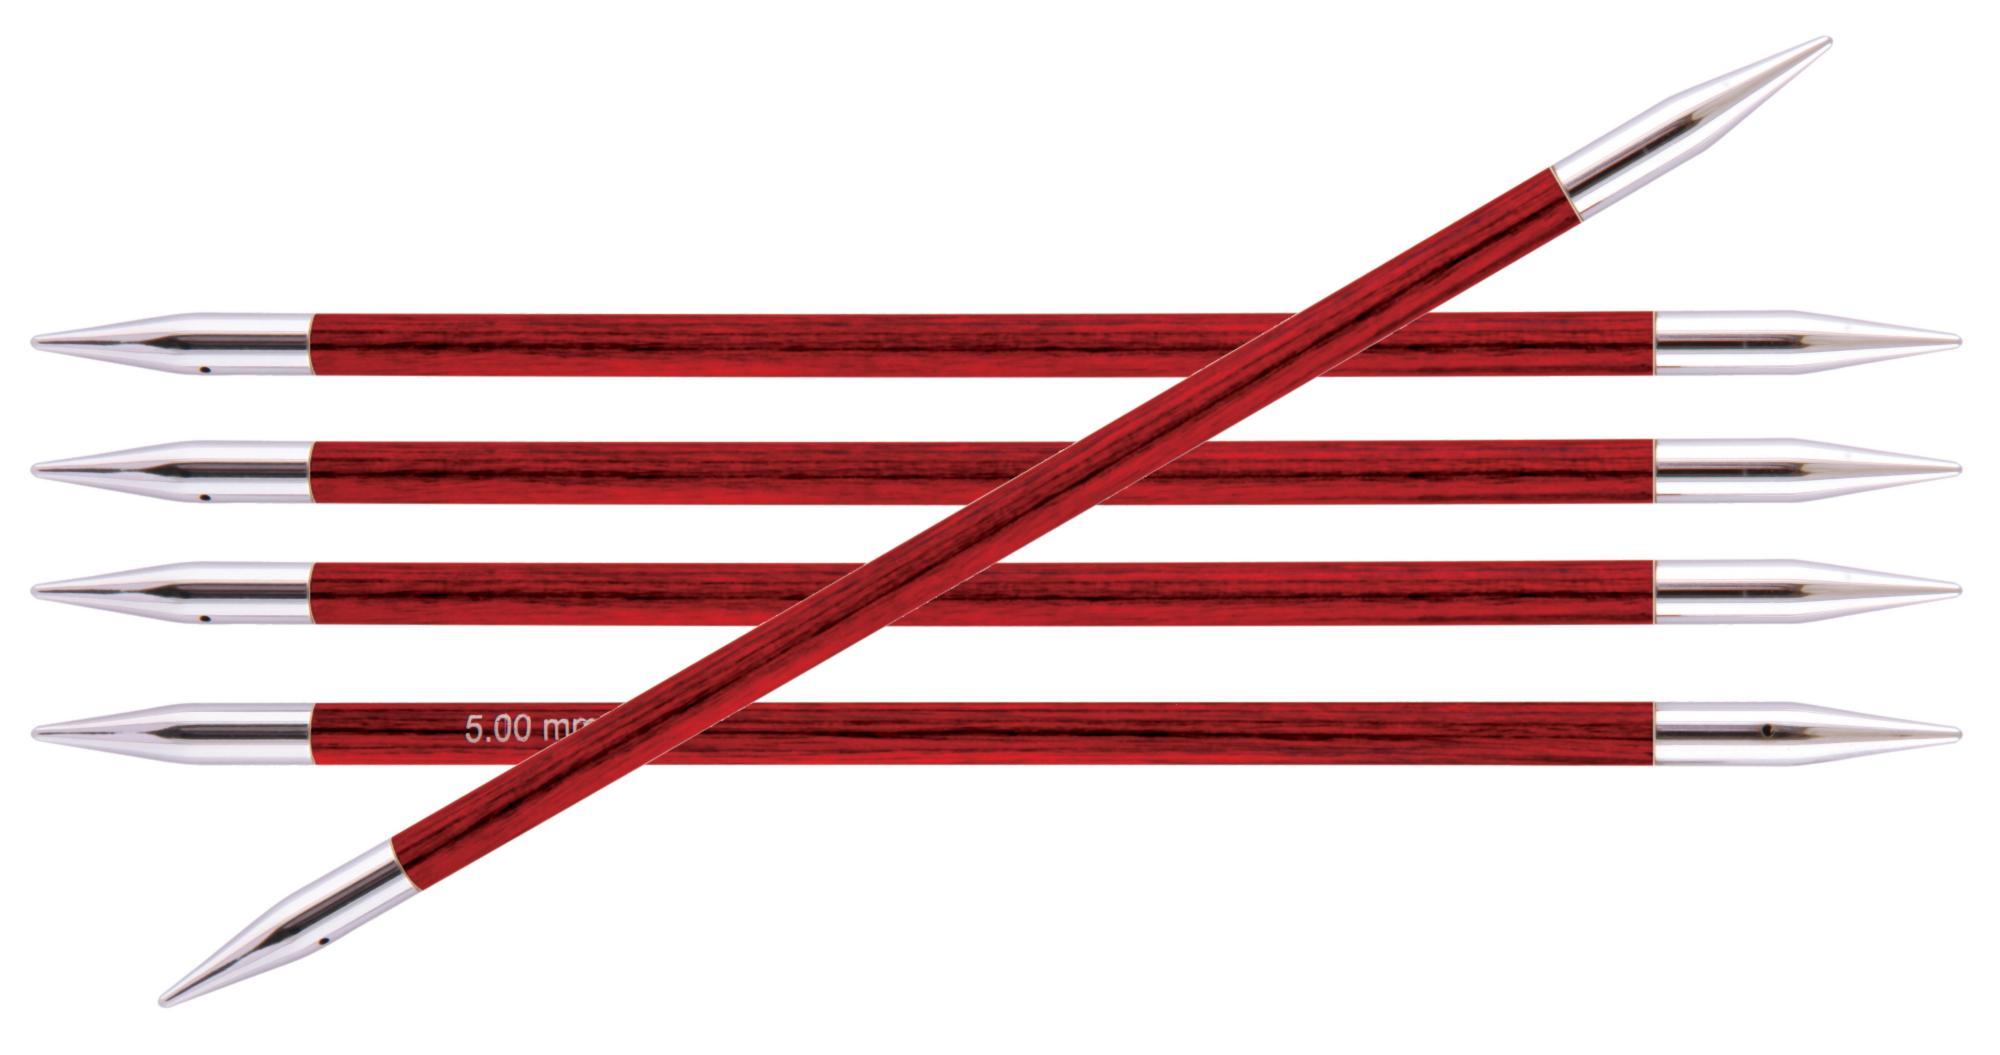 Спицы носочные 15 см Royale KnitPro, 29011, 5.00 мм